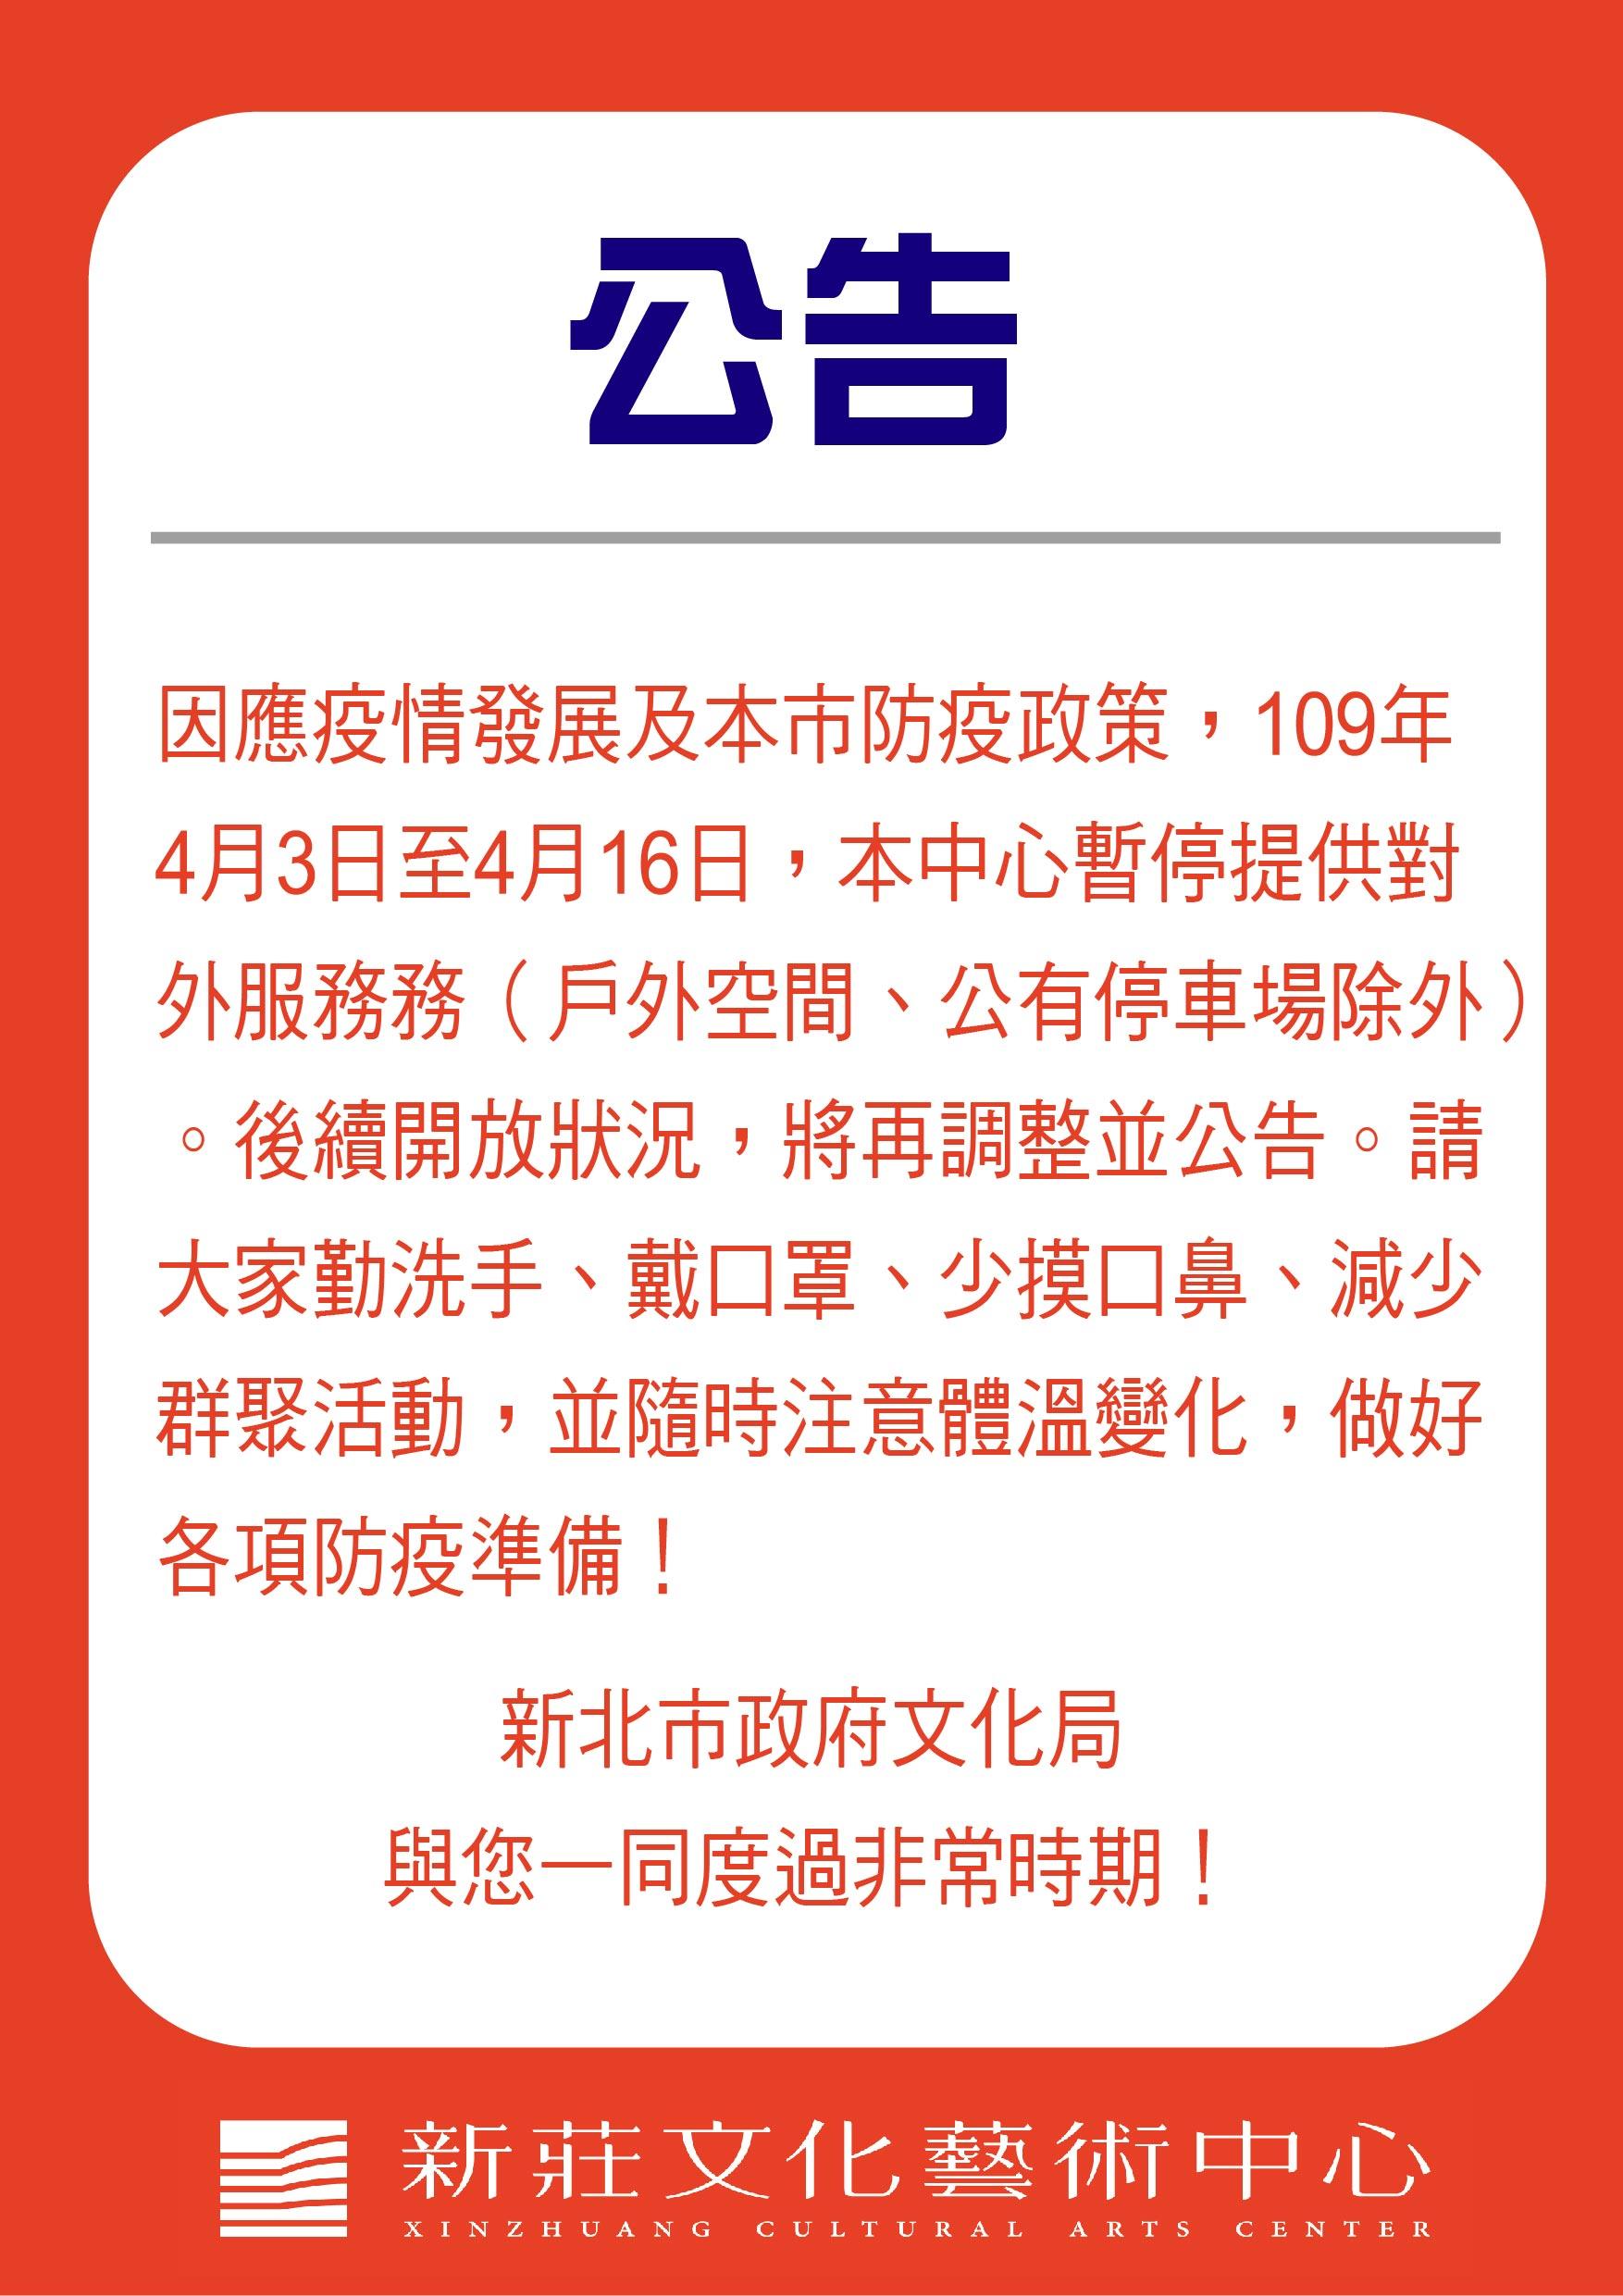 因應新北市政府最新防疫政策109年4月3日至4月16日暫停對外服務